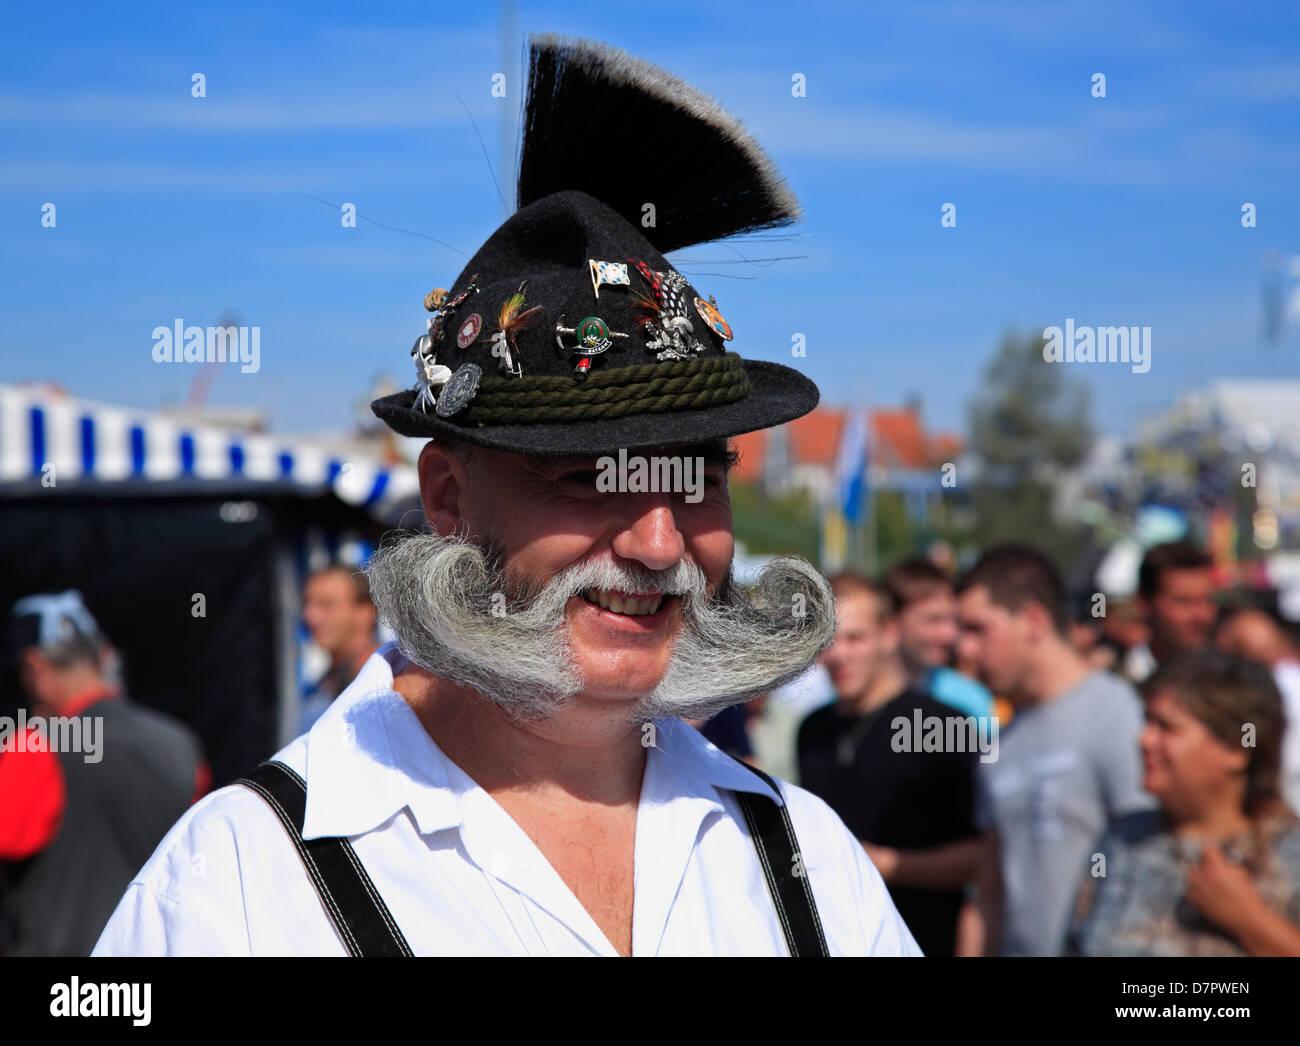 Oktoberfest, tradizionale bavarese antico a Theresienwiese fiera di Monaco di Baviera, Germania Immagini Stock